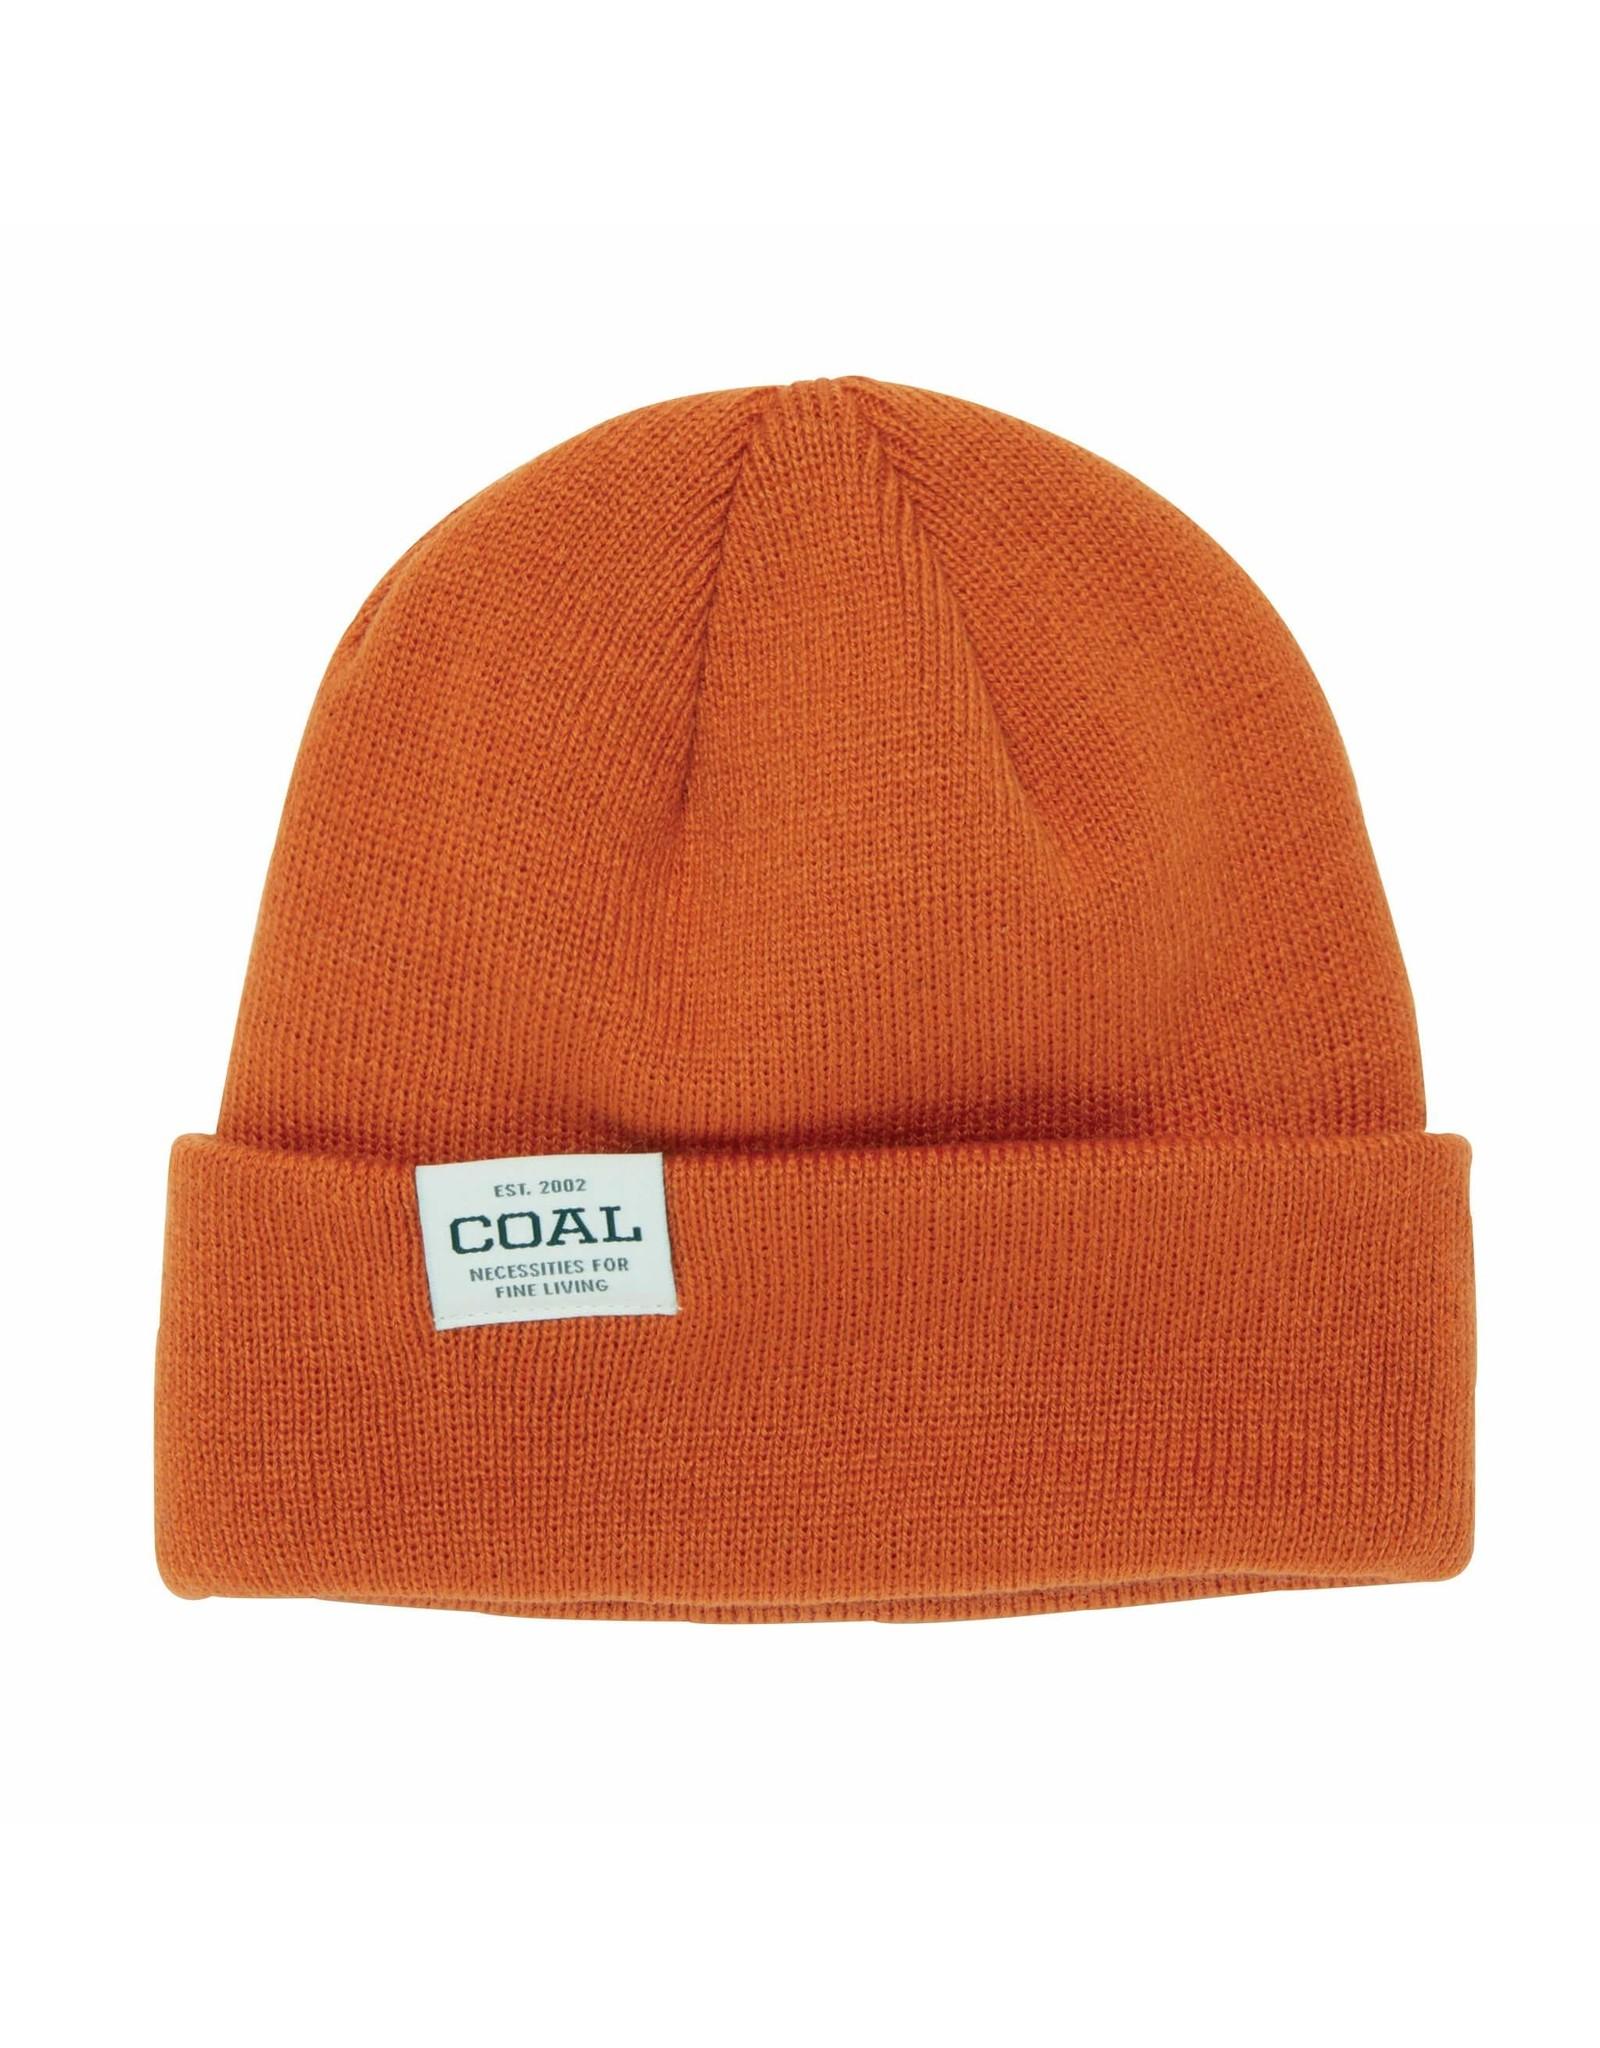 COAL HEADWEAR COAL - UNIFORM LOW BEANIE - ORANGE